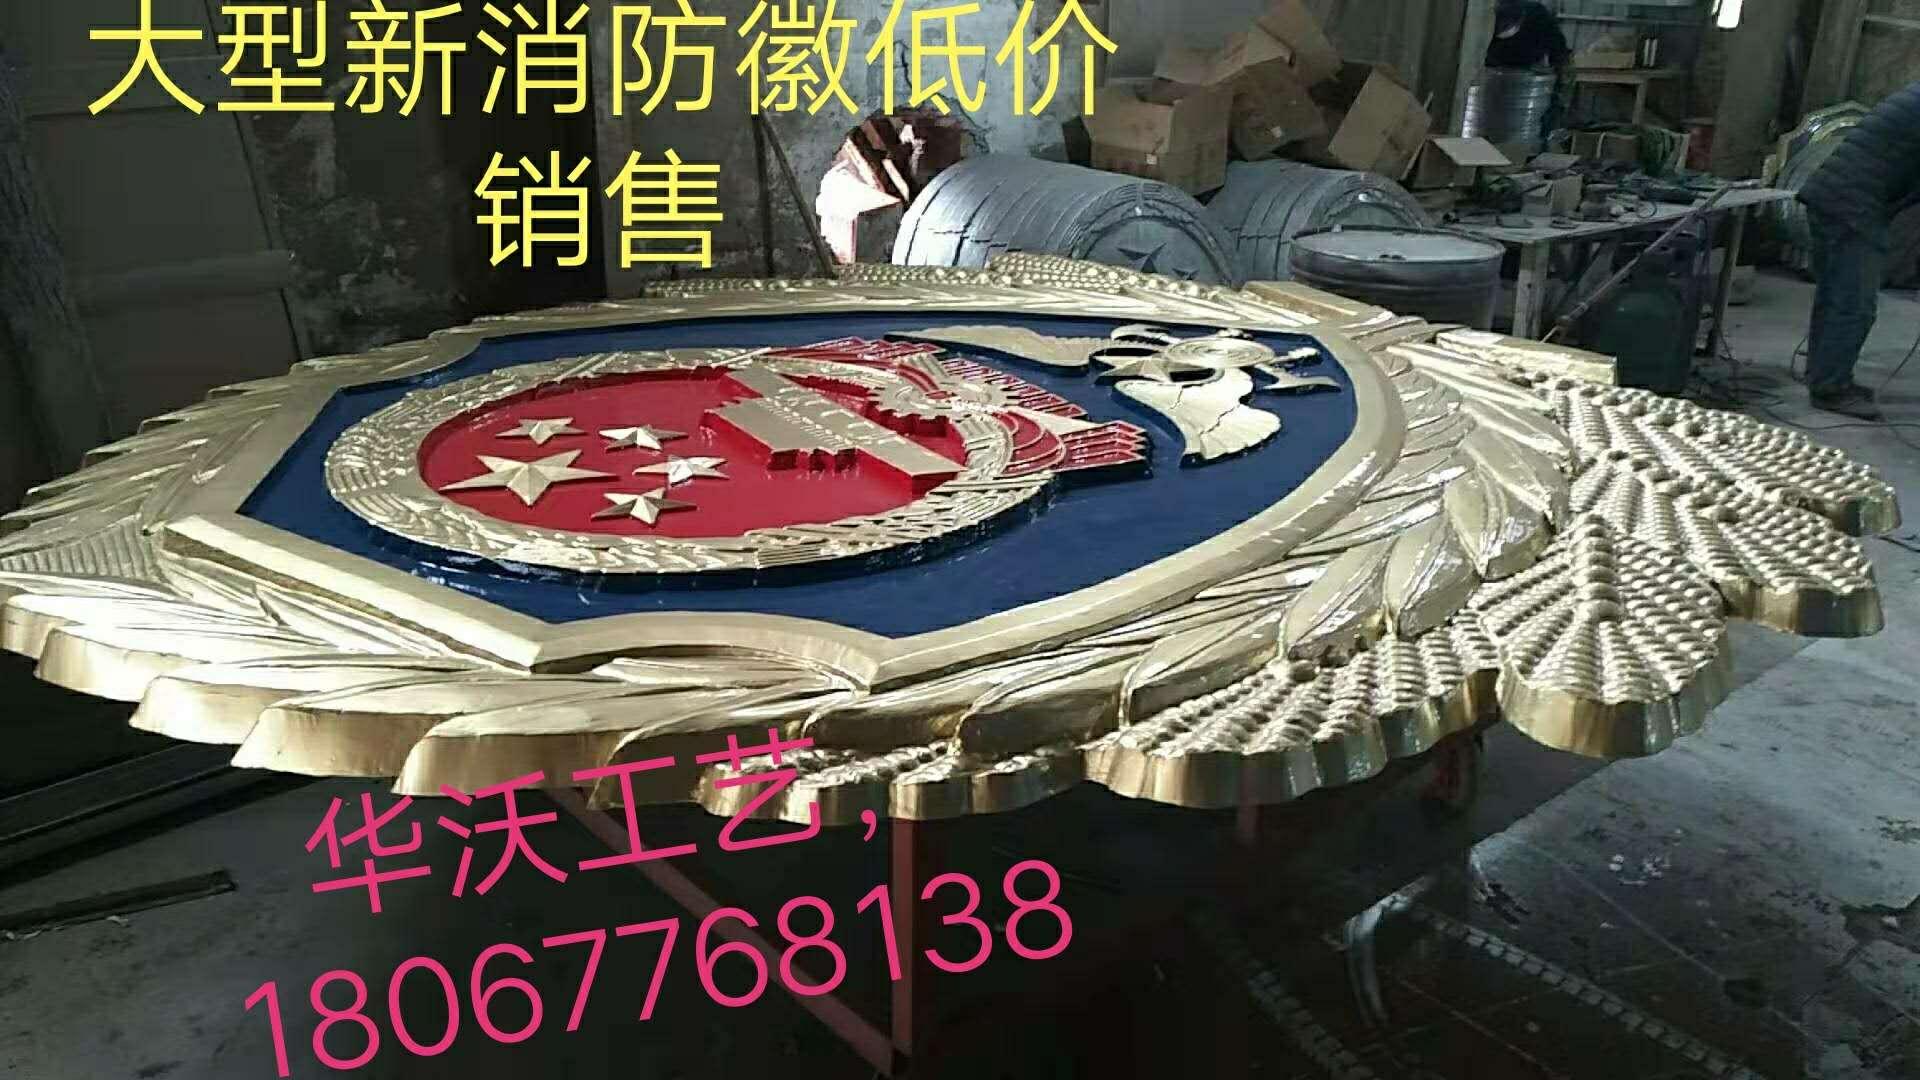 3.5米烤漆警徽销售